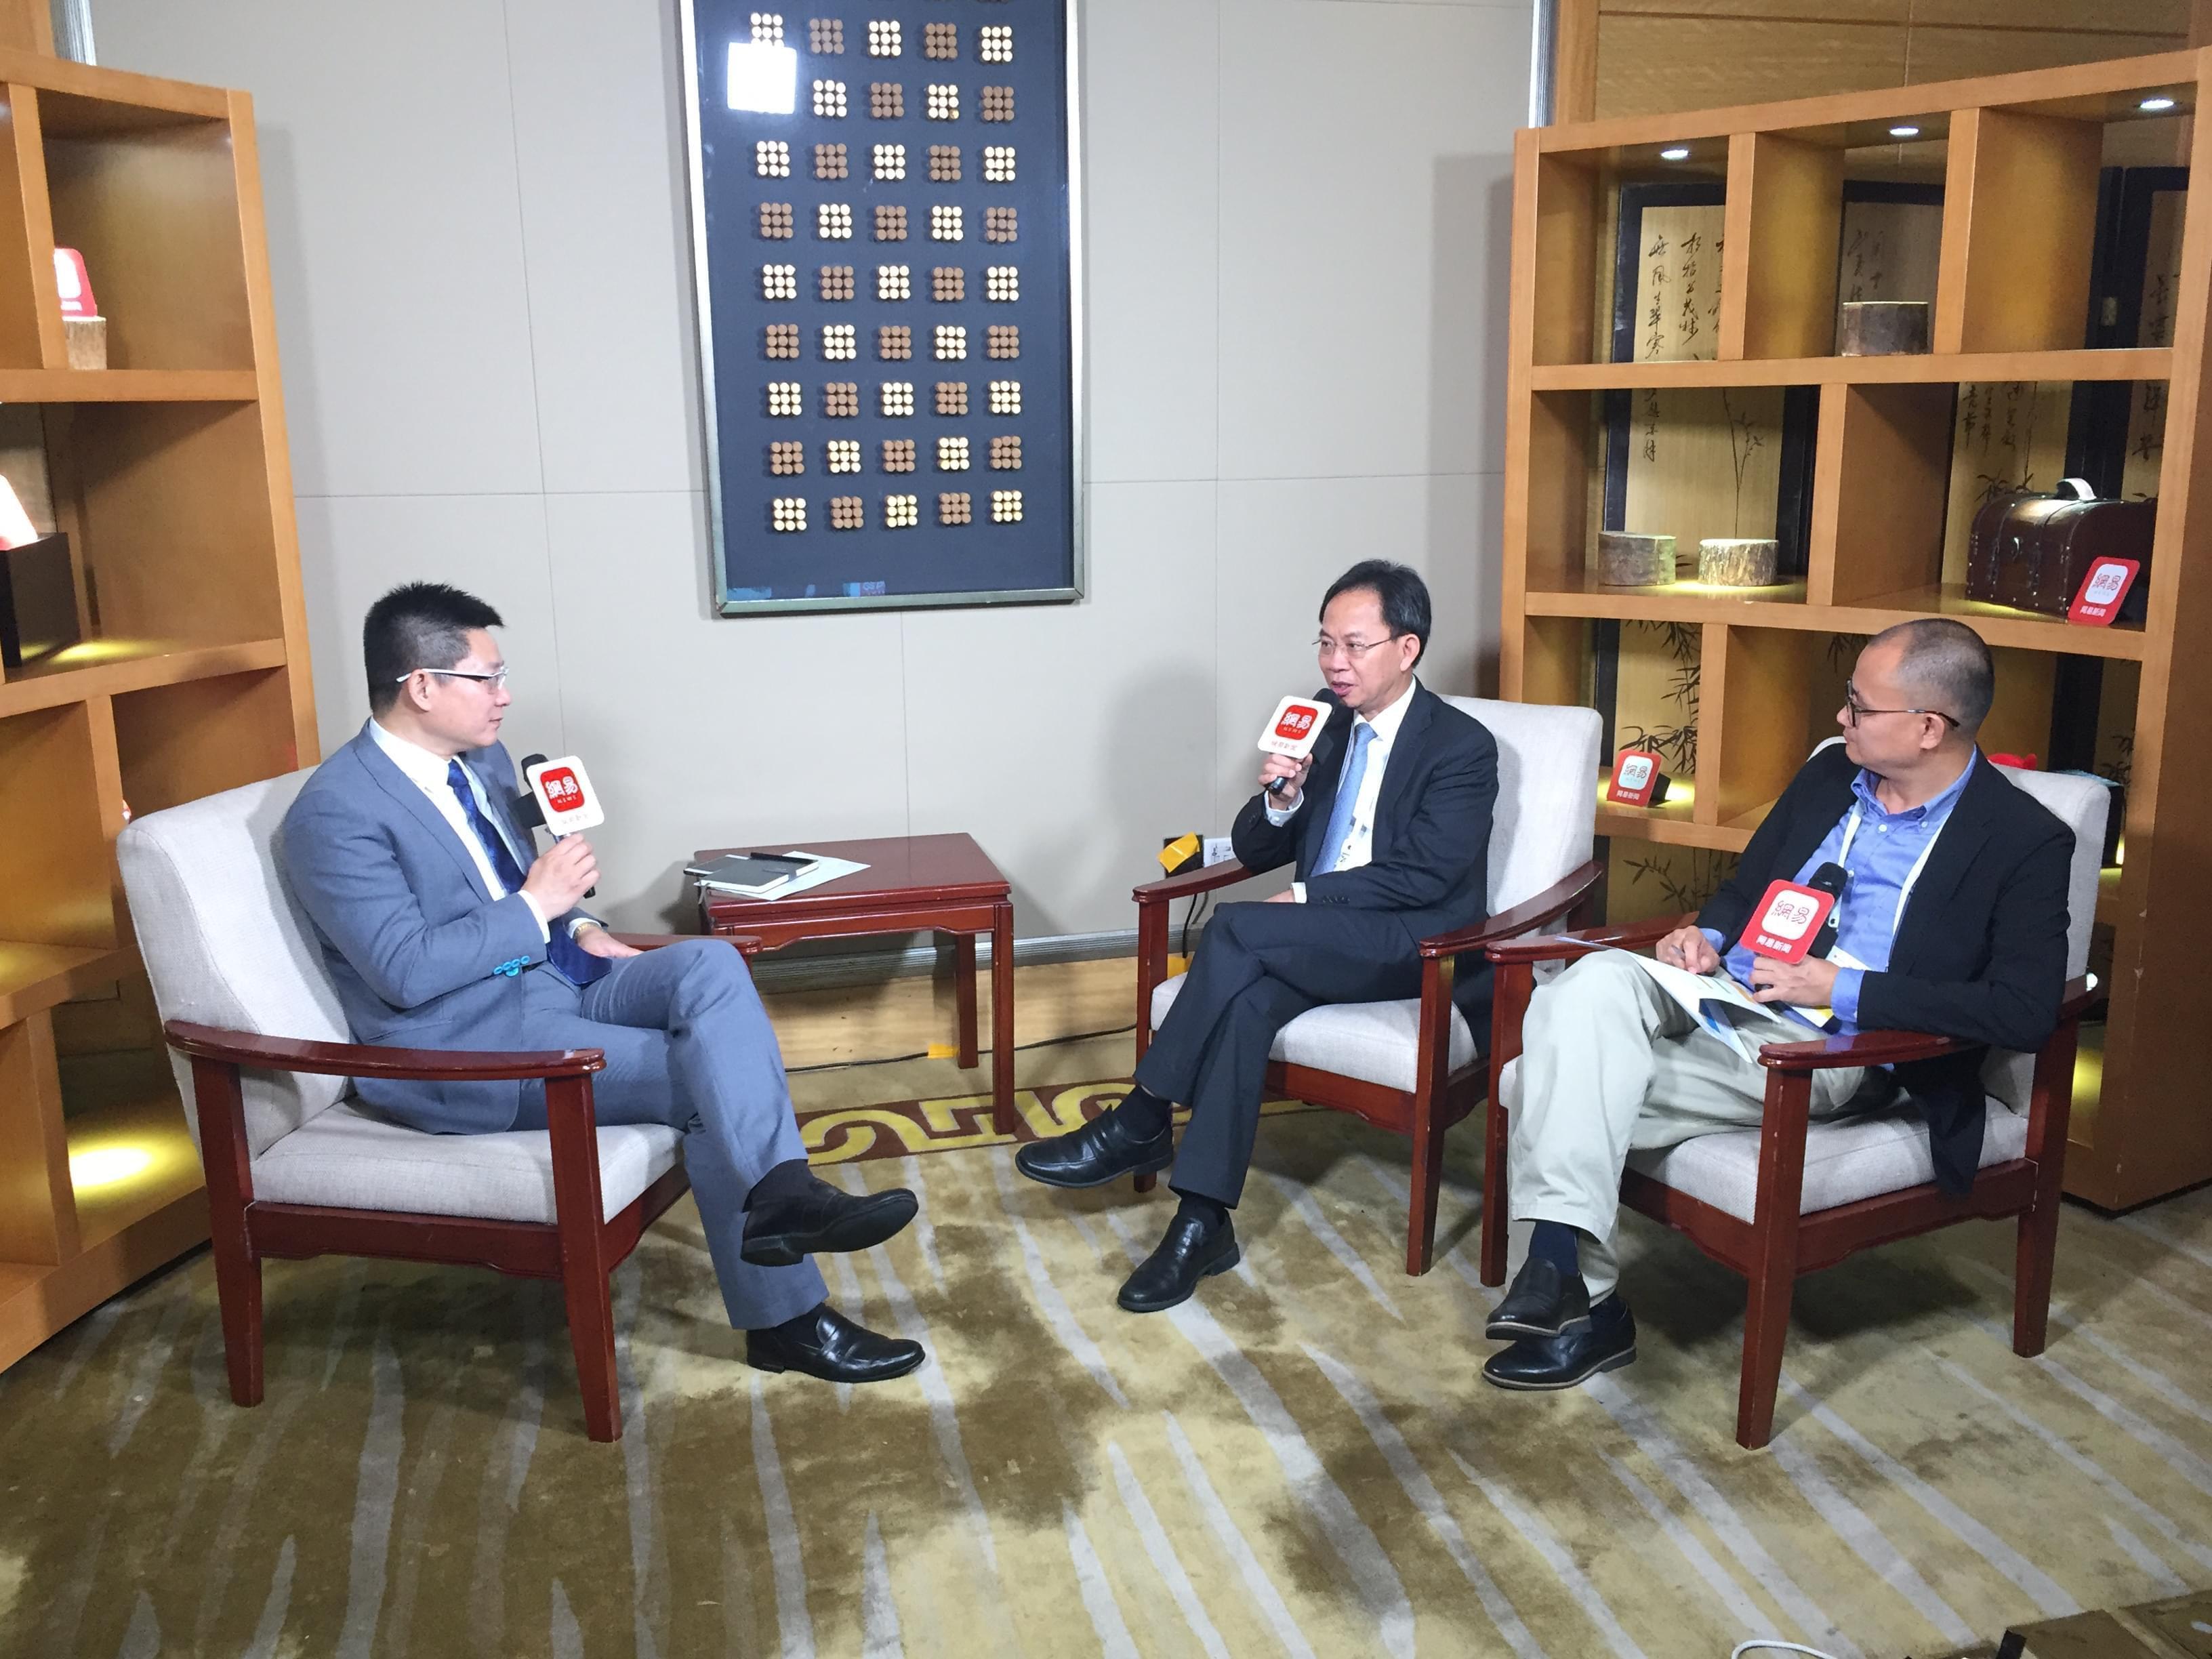 姚长盛对话邱晓华:中国改革制度红利如何释放?